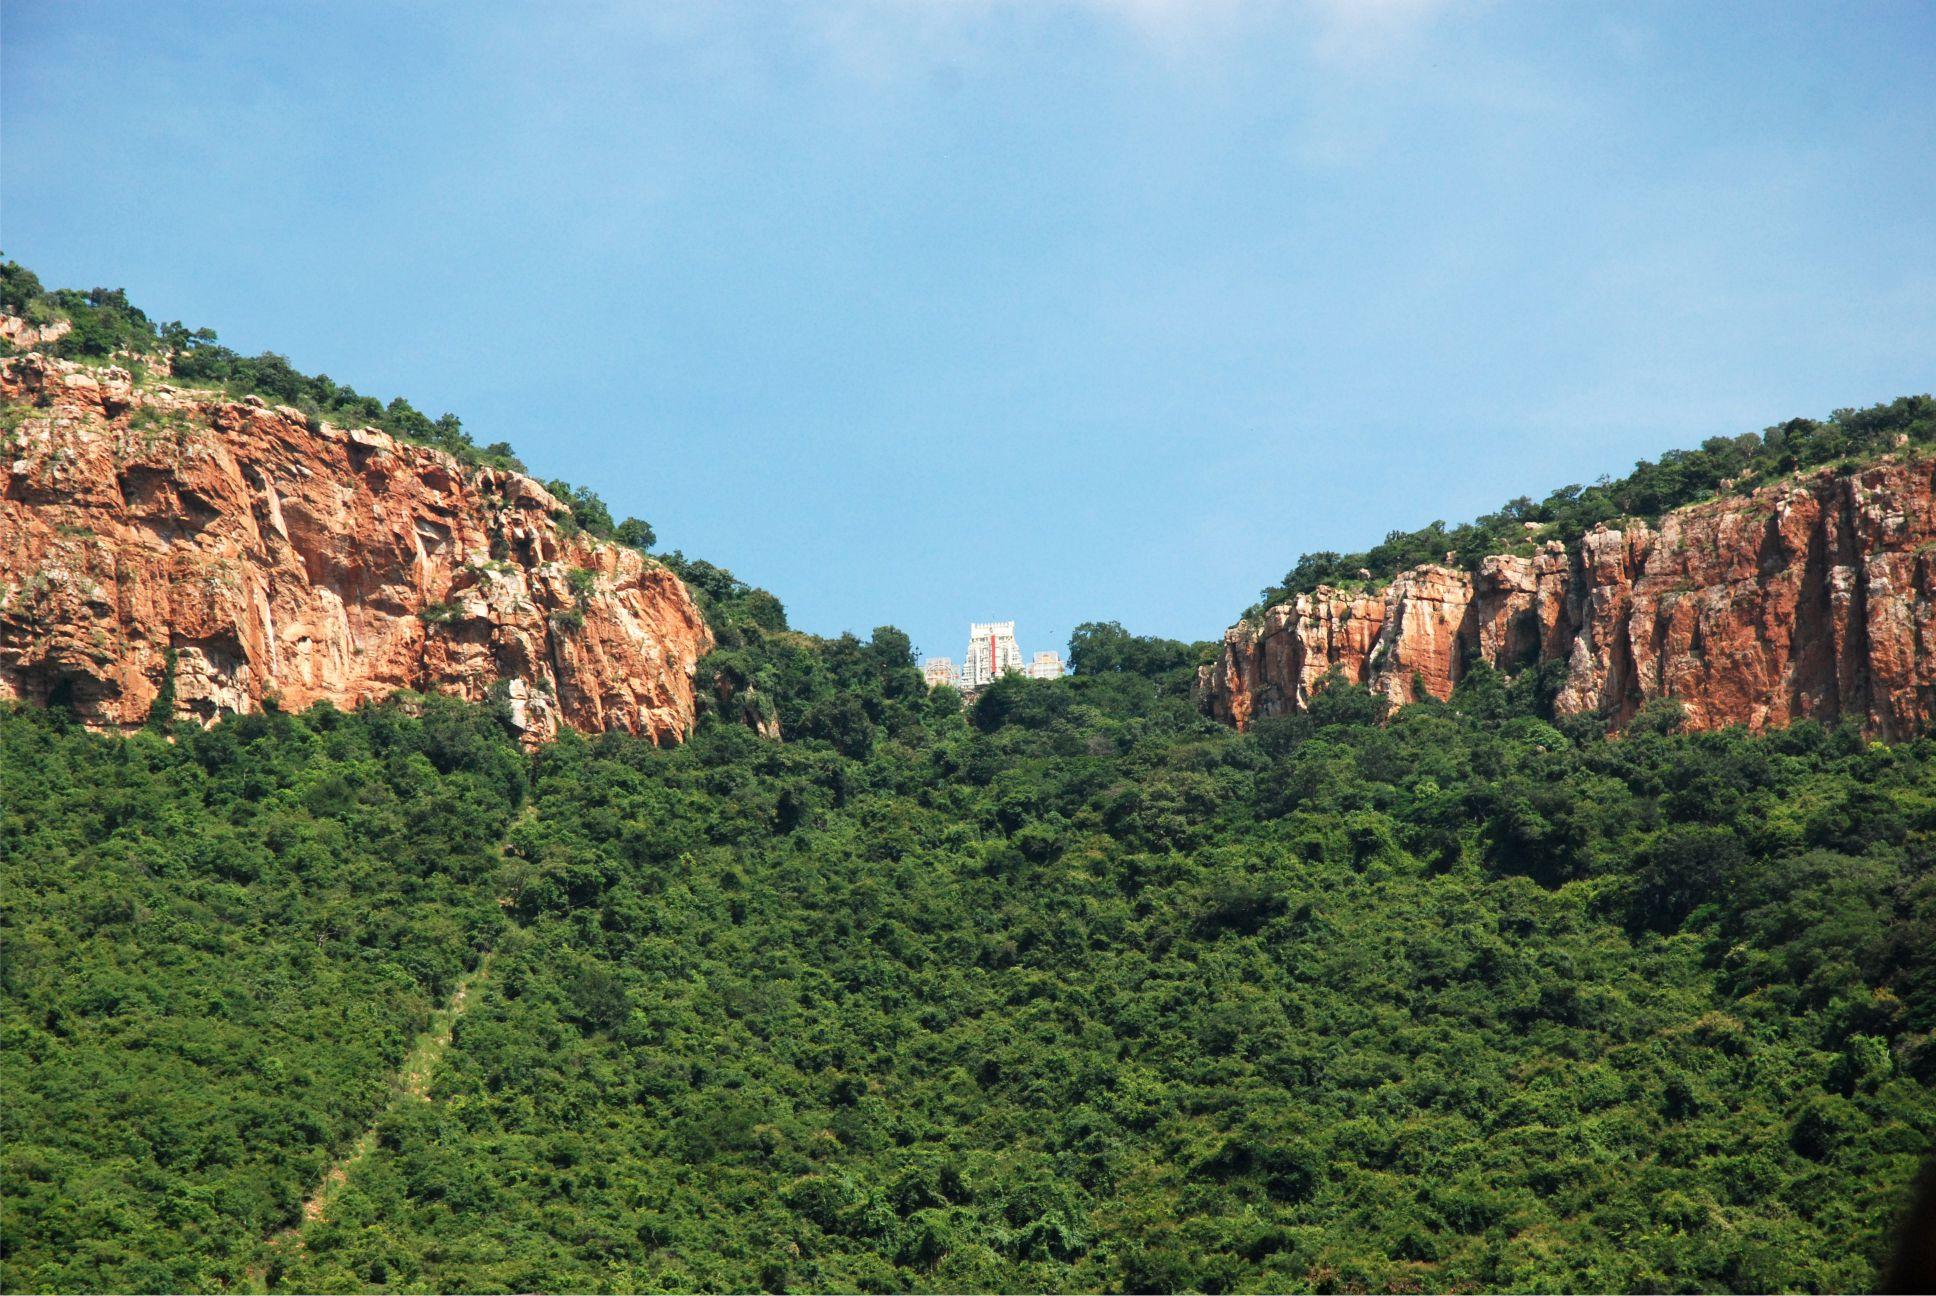 Még fényképen nézve is érezhető a Tirumala hegy különleges, lelki kisugárzása.